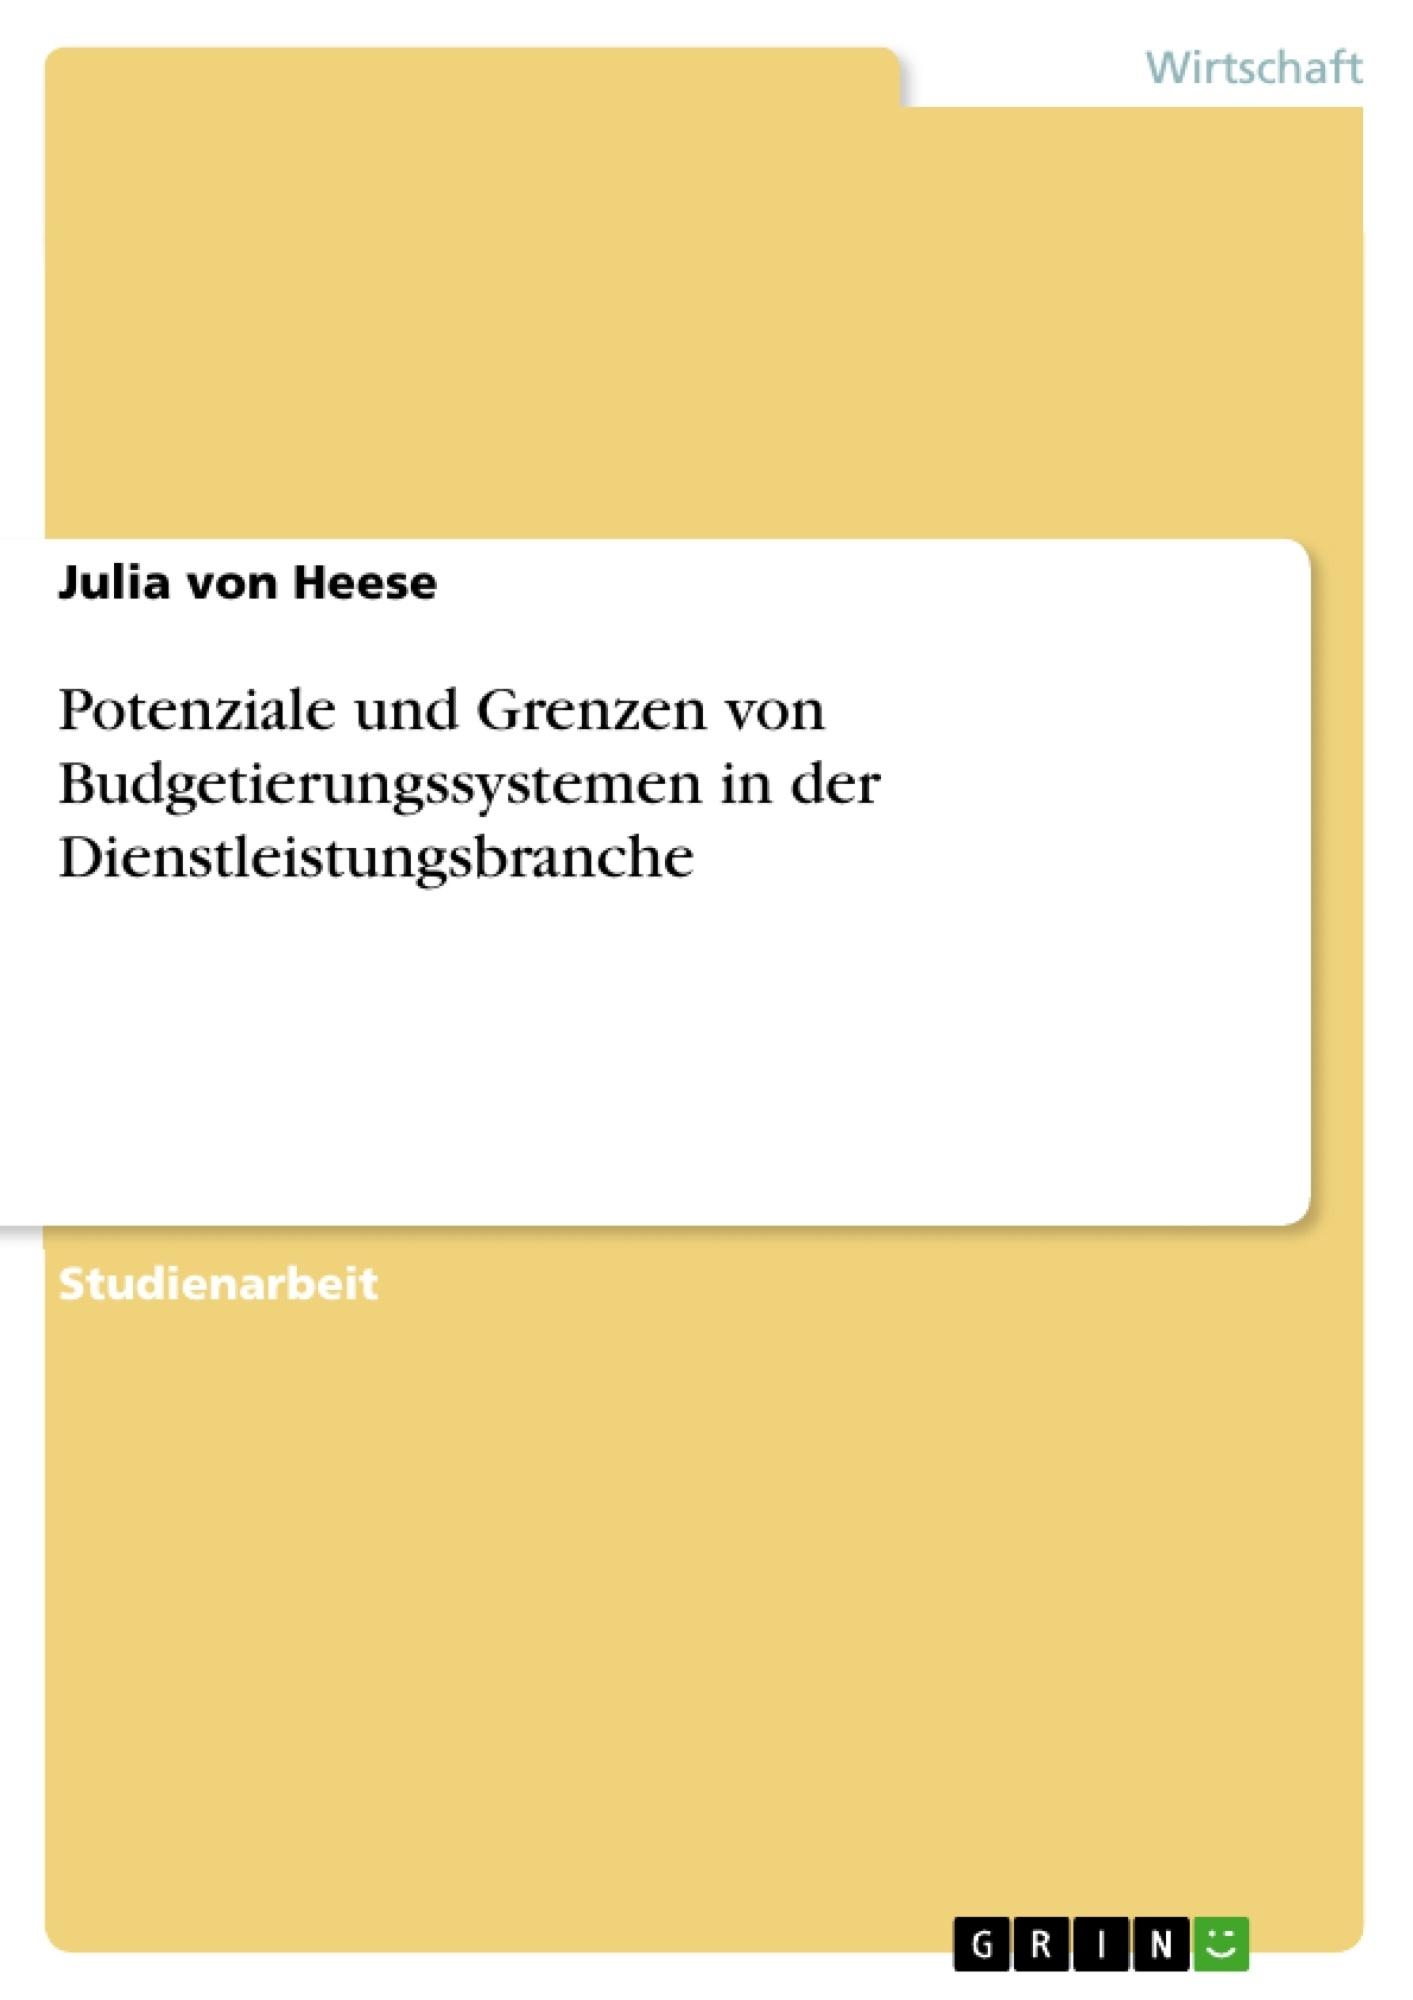 Titel: Potenziale und Grenzen von Budgetierungssystemen in der Dienstleistungsbranche